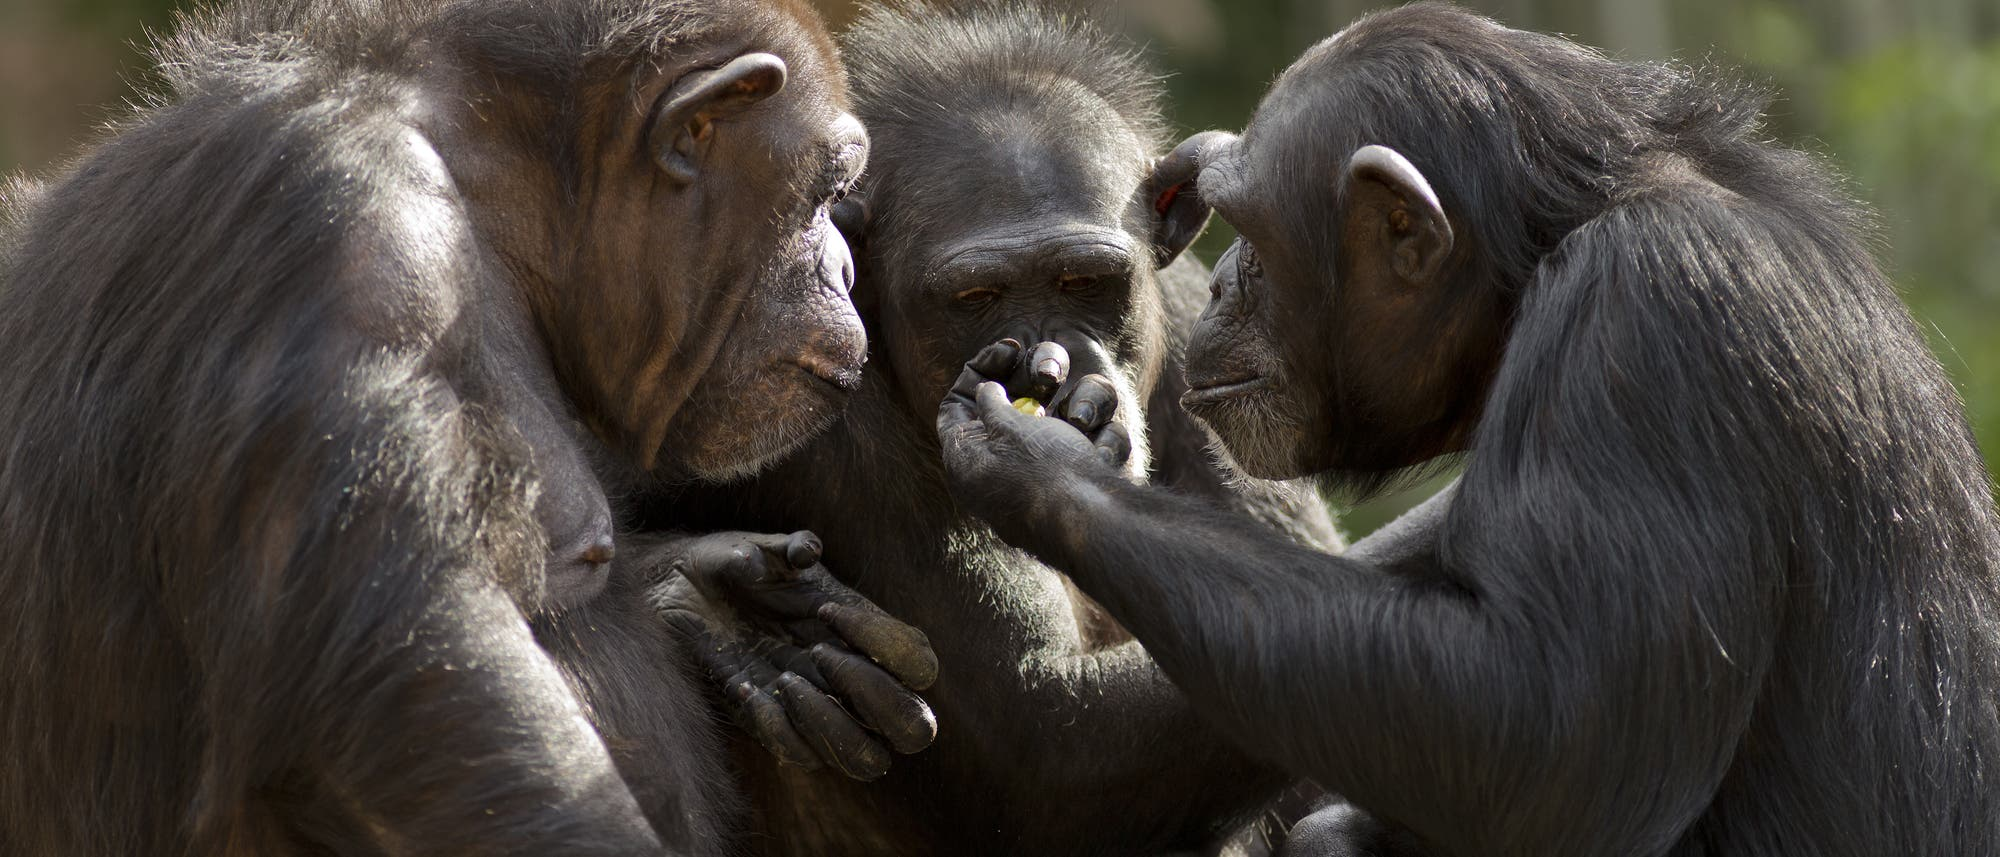 Drei Schimpansen in der Gruppe